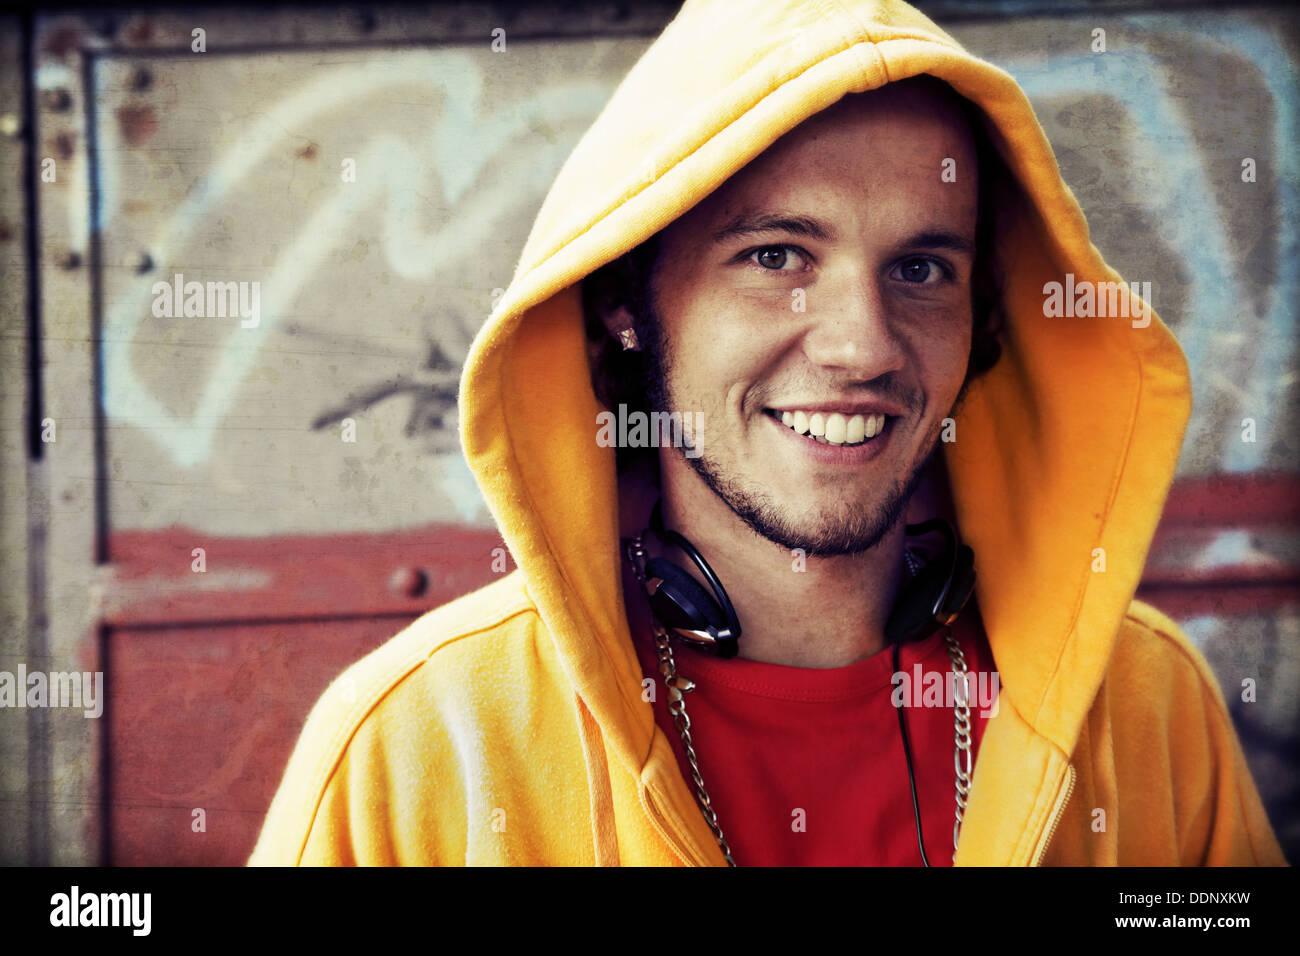 Teenager / junge Mann Porträt in Sweatshirt mit Kapuze / Jumper auf Grunge-Graffiti-Wand Stockbild